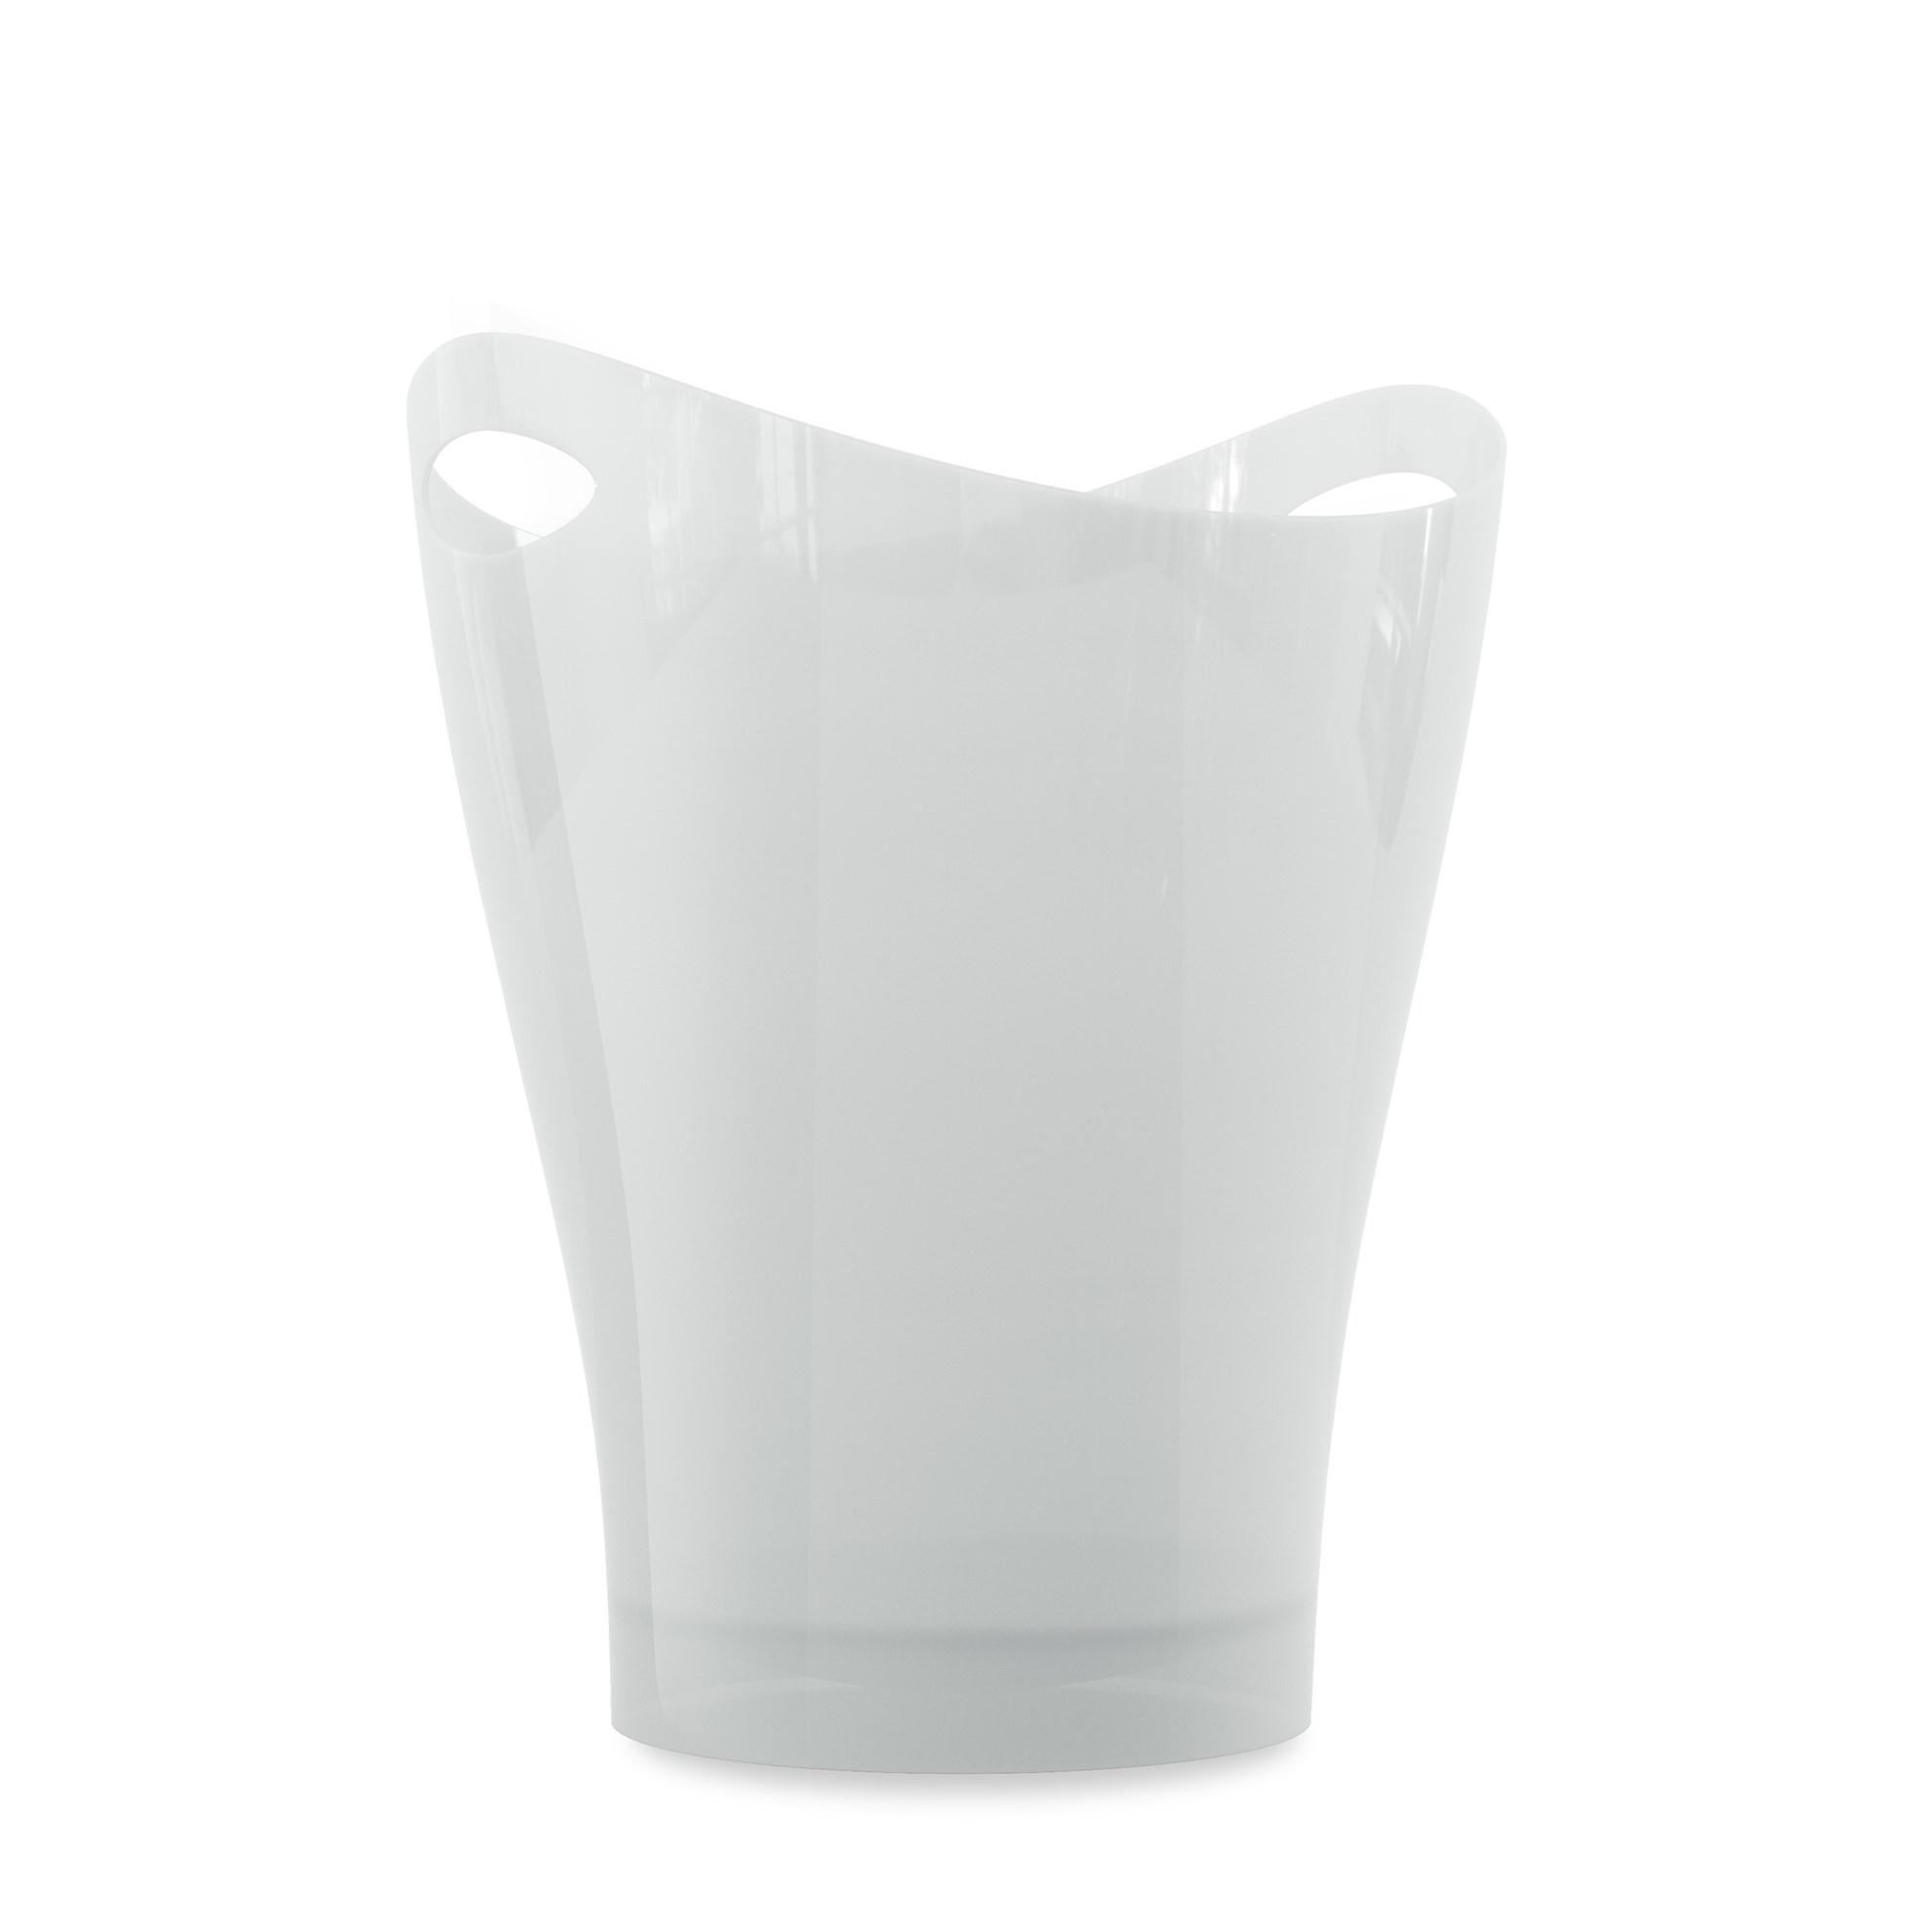 Odpadkový koš GARBINO lesklý/bílý_1